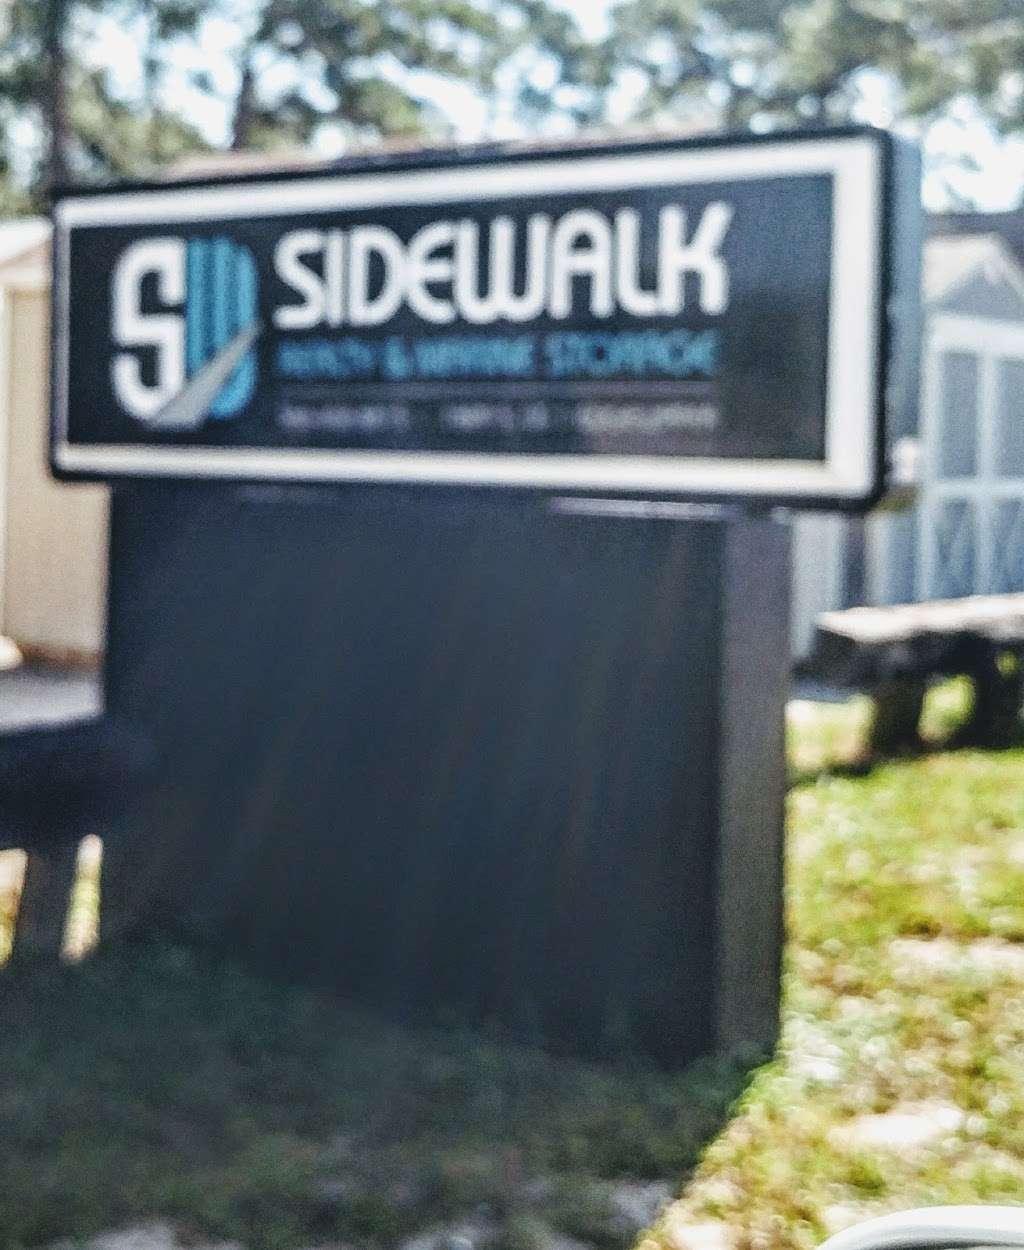 SW SIDEWALK BOAT & TRAILER STORAGE - storage  | Photo 2 of 2 | Address: US-1, Edgewater, FL 32141, USA | Phone: (386) 402-8815